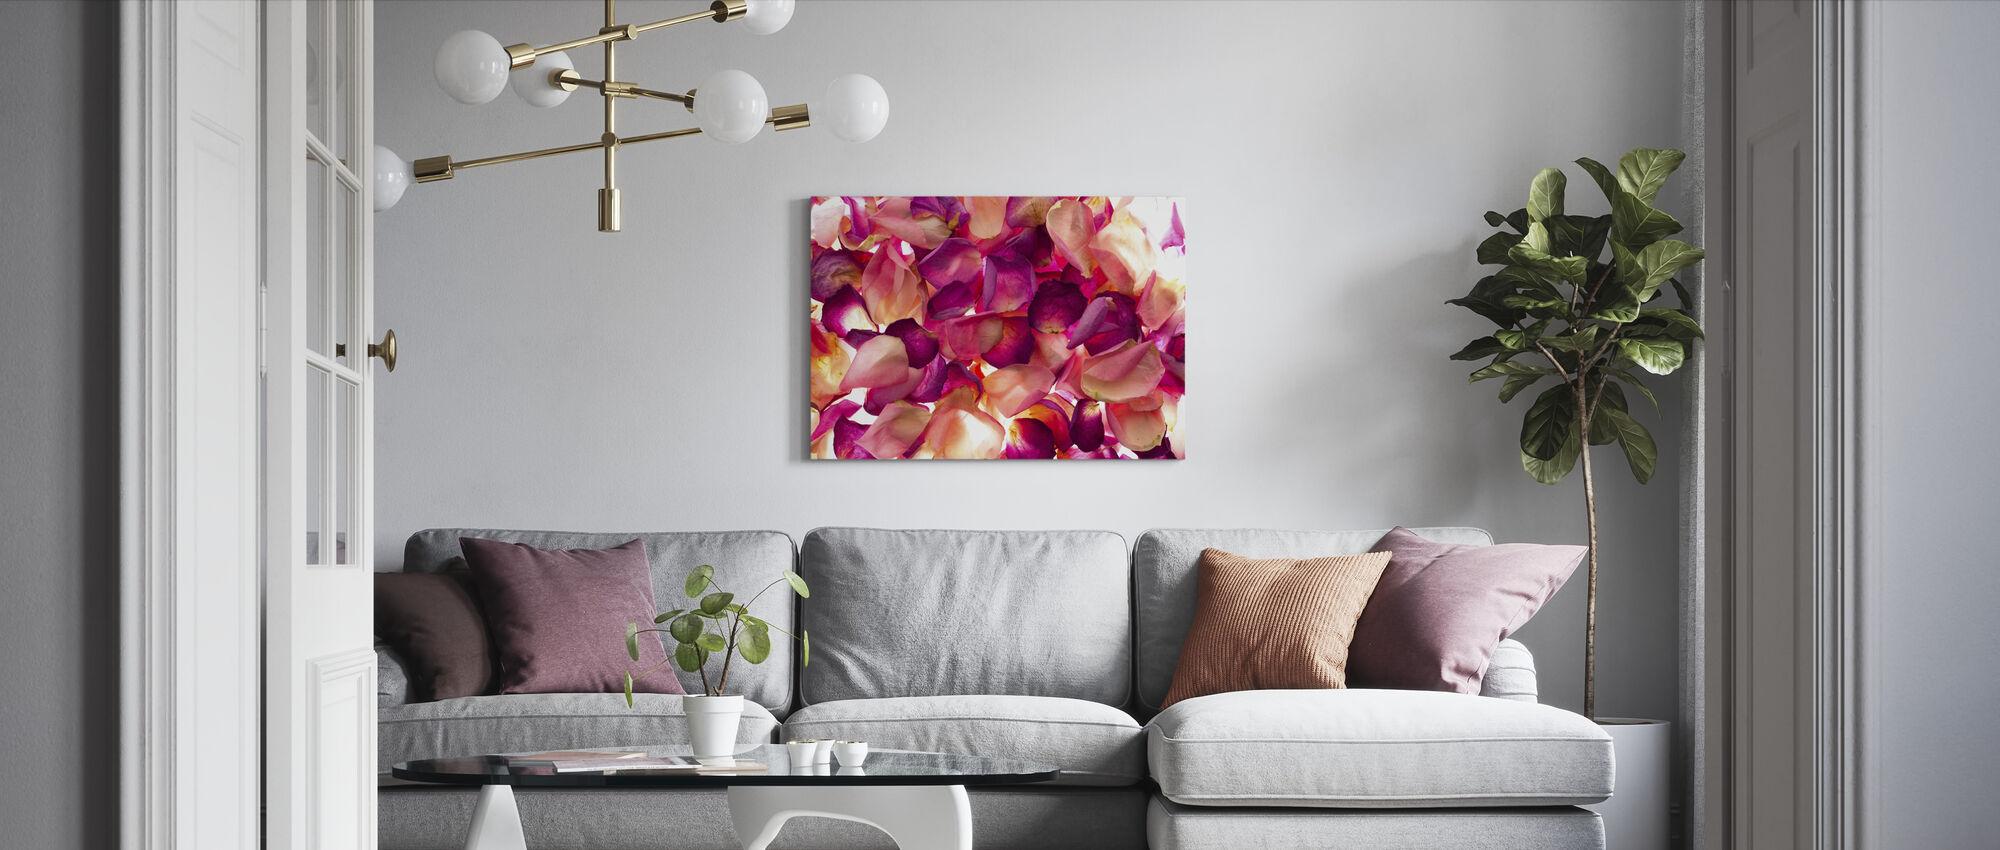 Seng av roseblader - Lerretsbilde - Stue